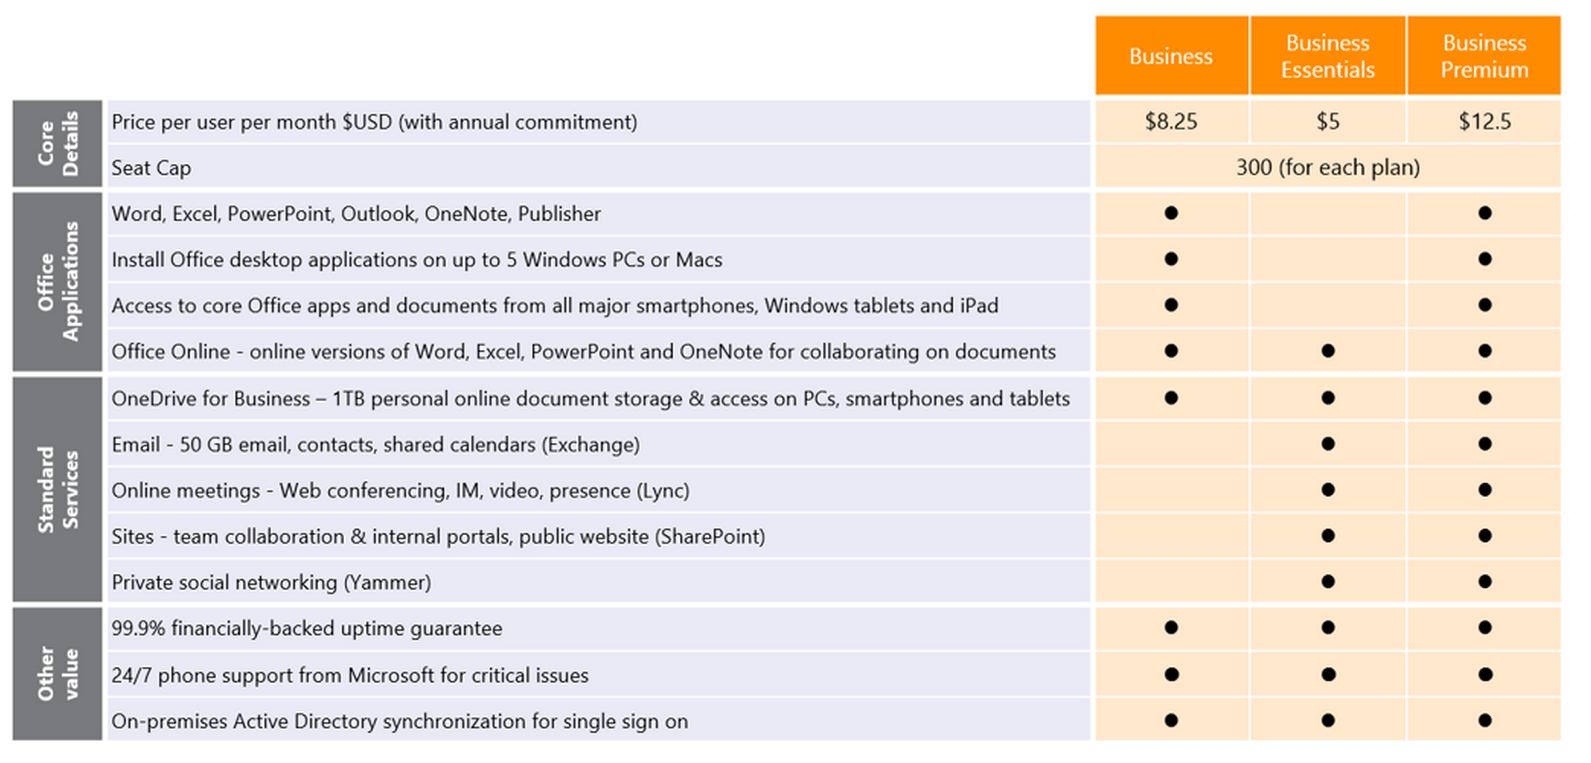 Microsoft Komt Met Nieuw Office 365 Aanbod Voor Kleine En